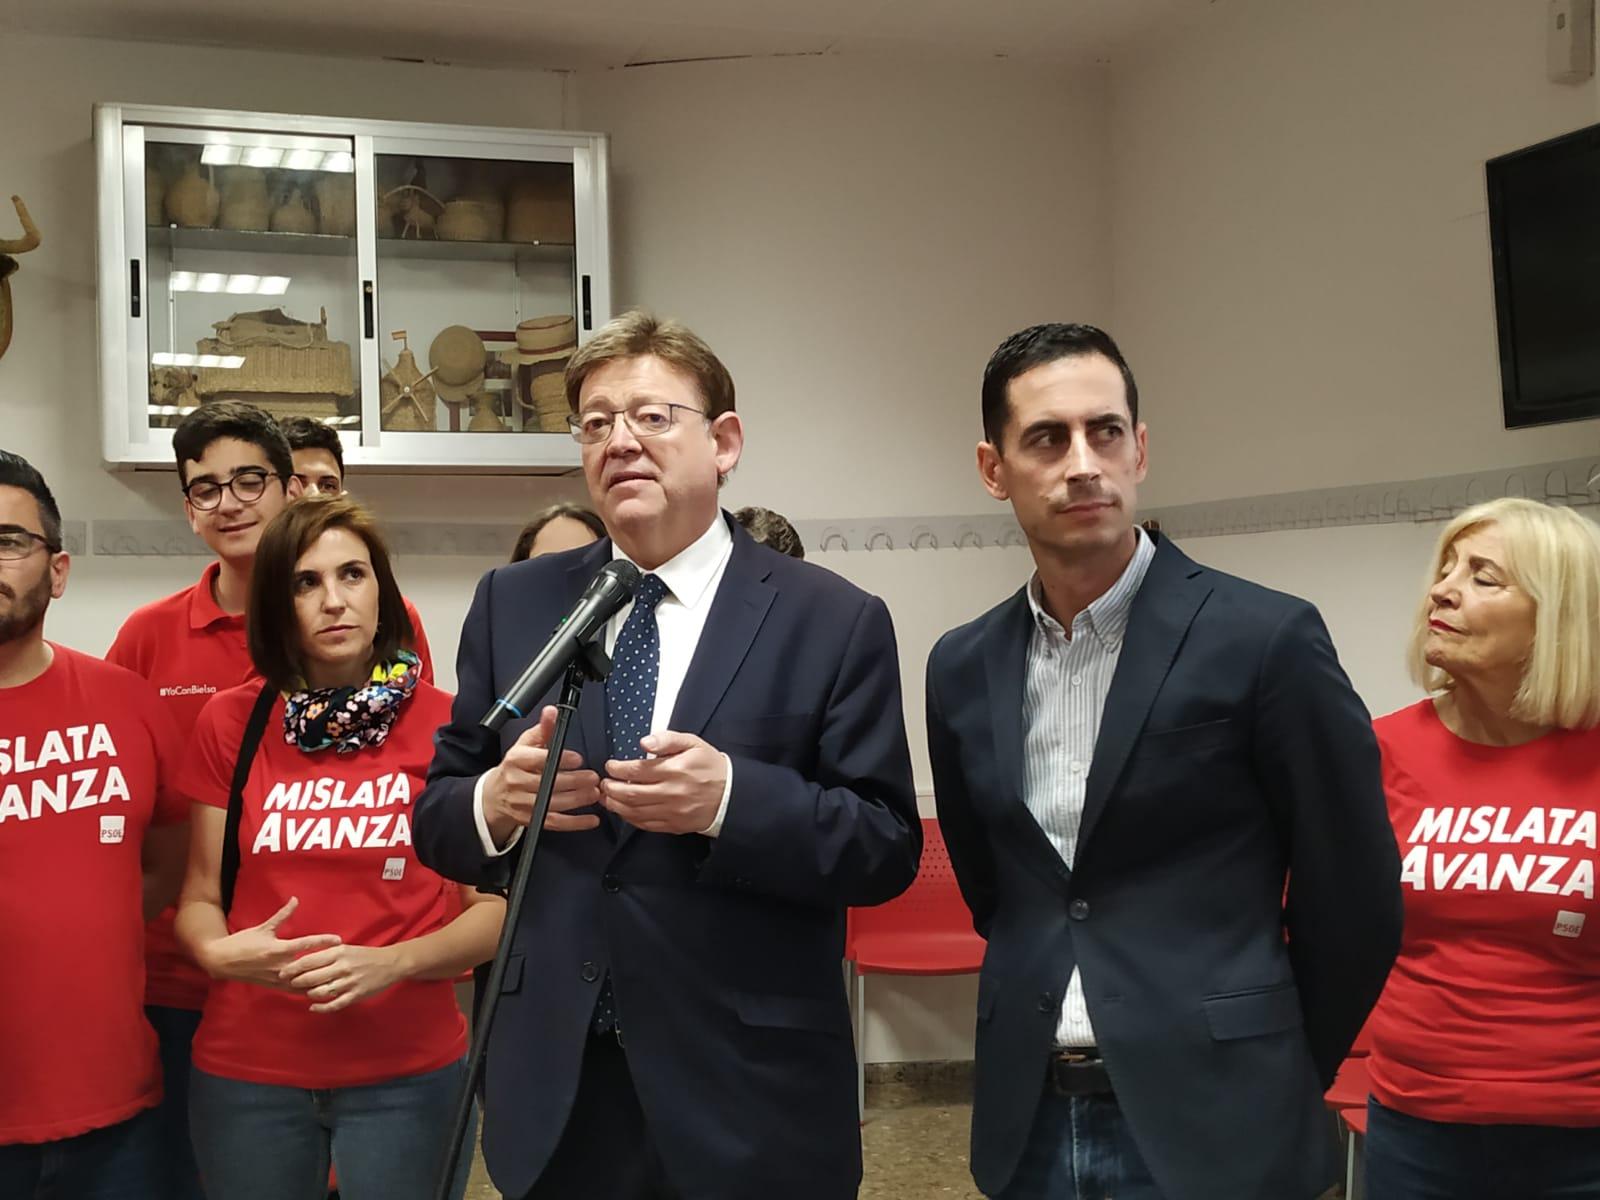 """Ximo Puig: """"Bielsa ha aconseguit que Mislata tinga ànima pròpia i siga una referència en avanç social"""""""